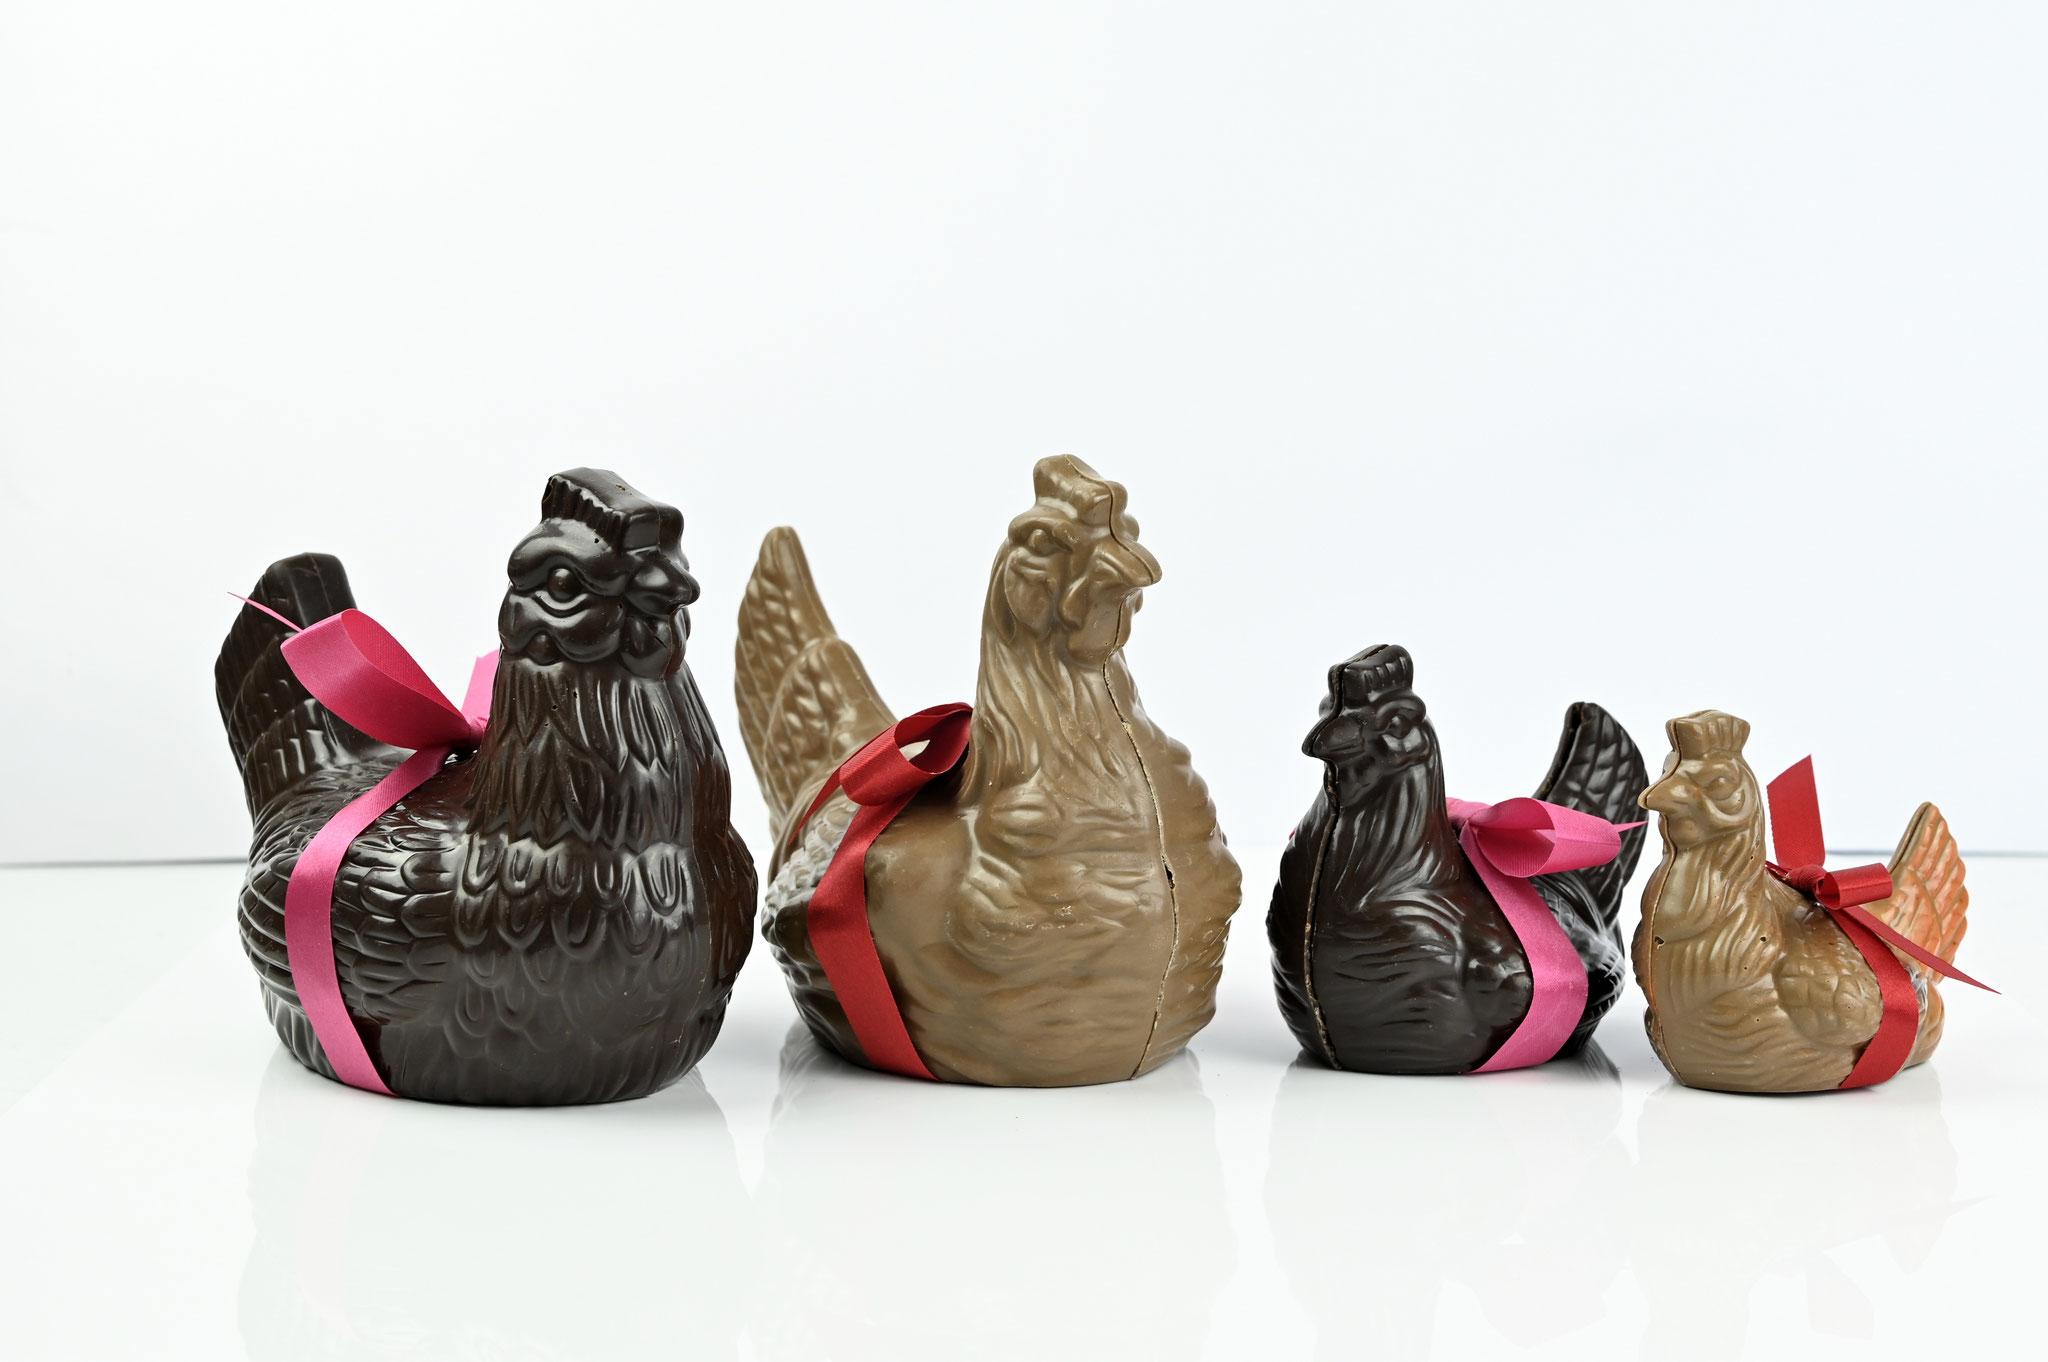 poules  T1- 65g - 4.80€    T2 - 130g - 8.00€  T4 - 300g 20.00€  - T5-360g- 23.00€